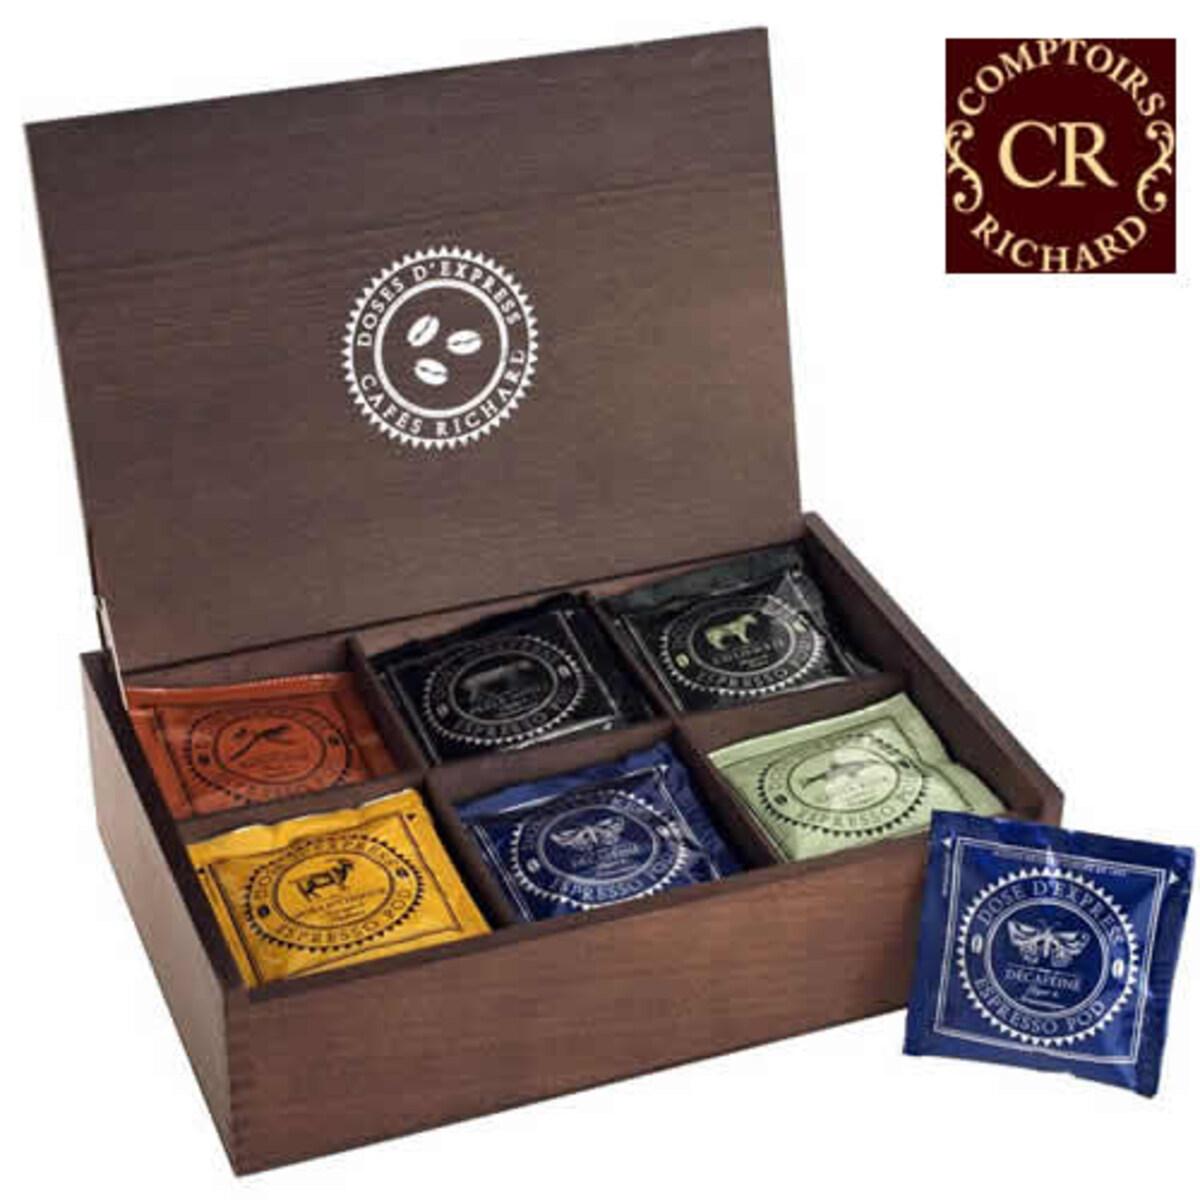 Cafés Richard Coffret Pod Chr - Подаръчна кутия от 36 бр дози кафе